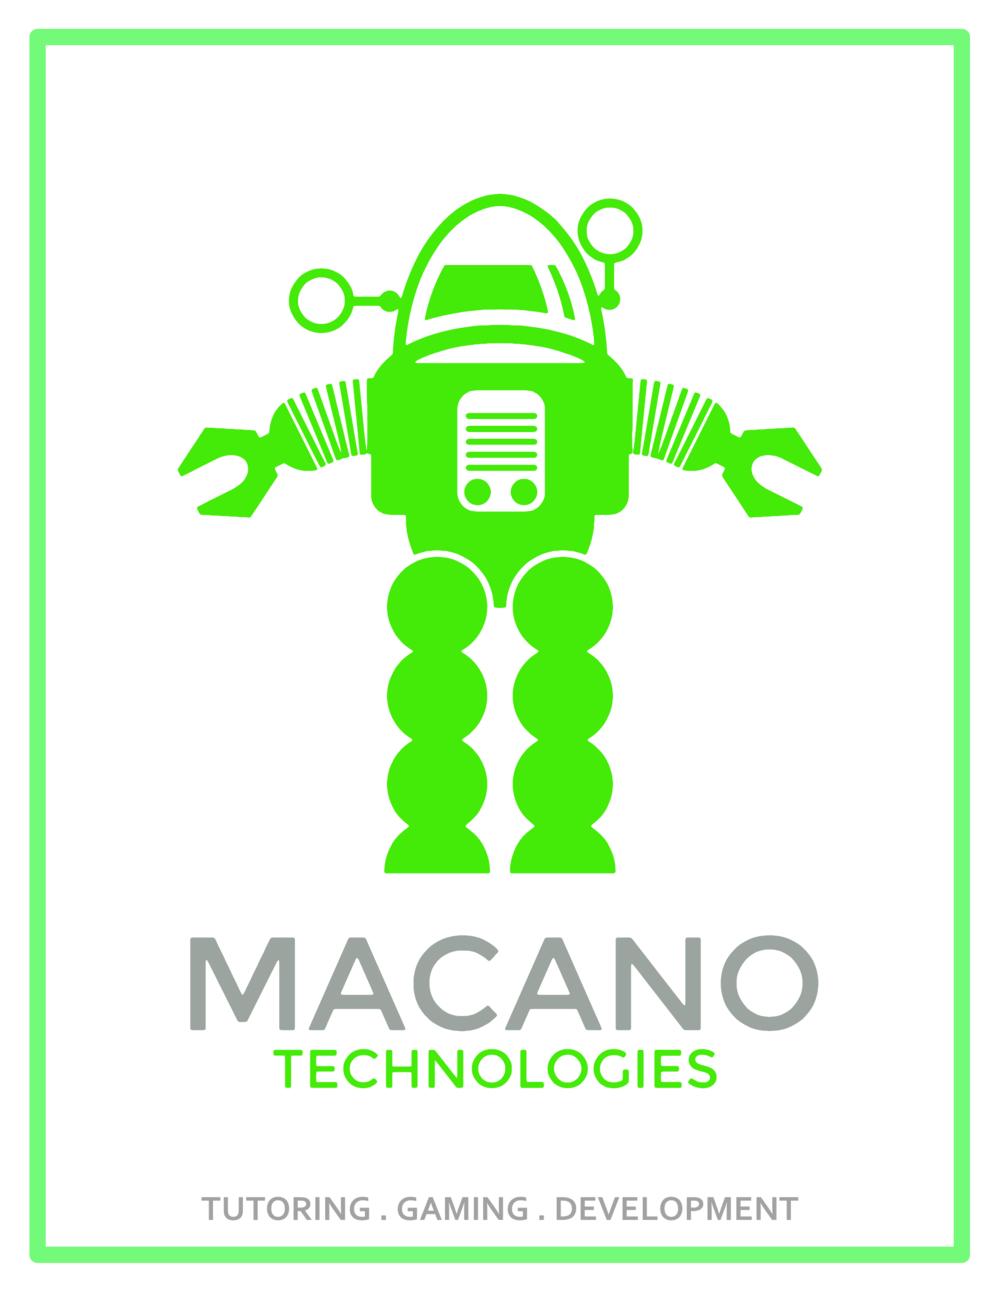 macanoflyerfinal_front.png